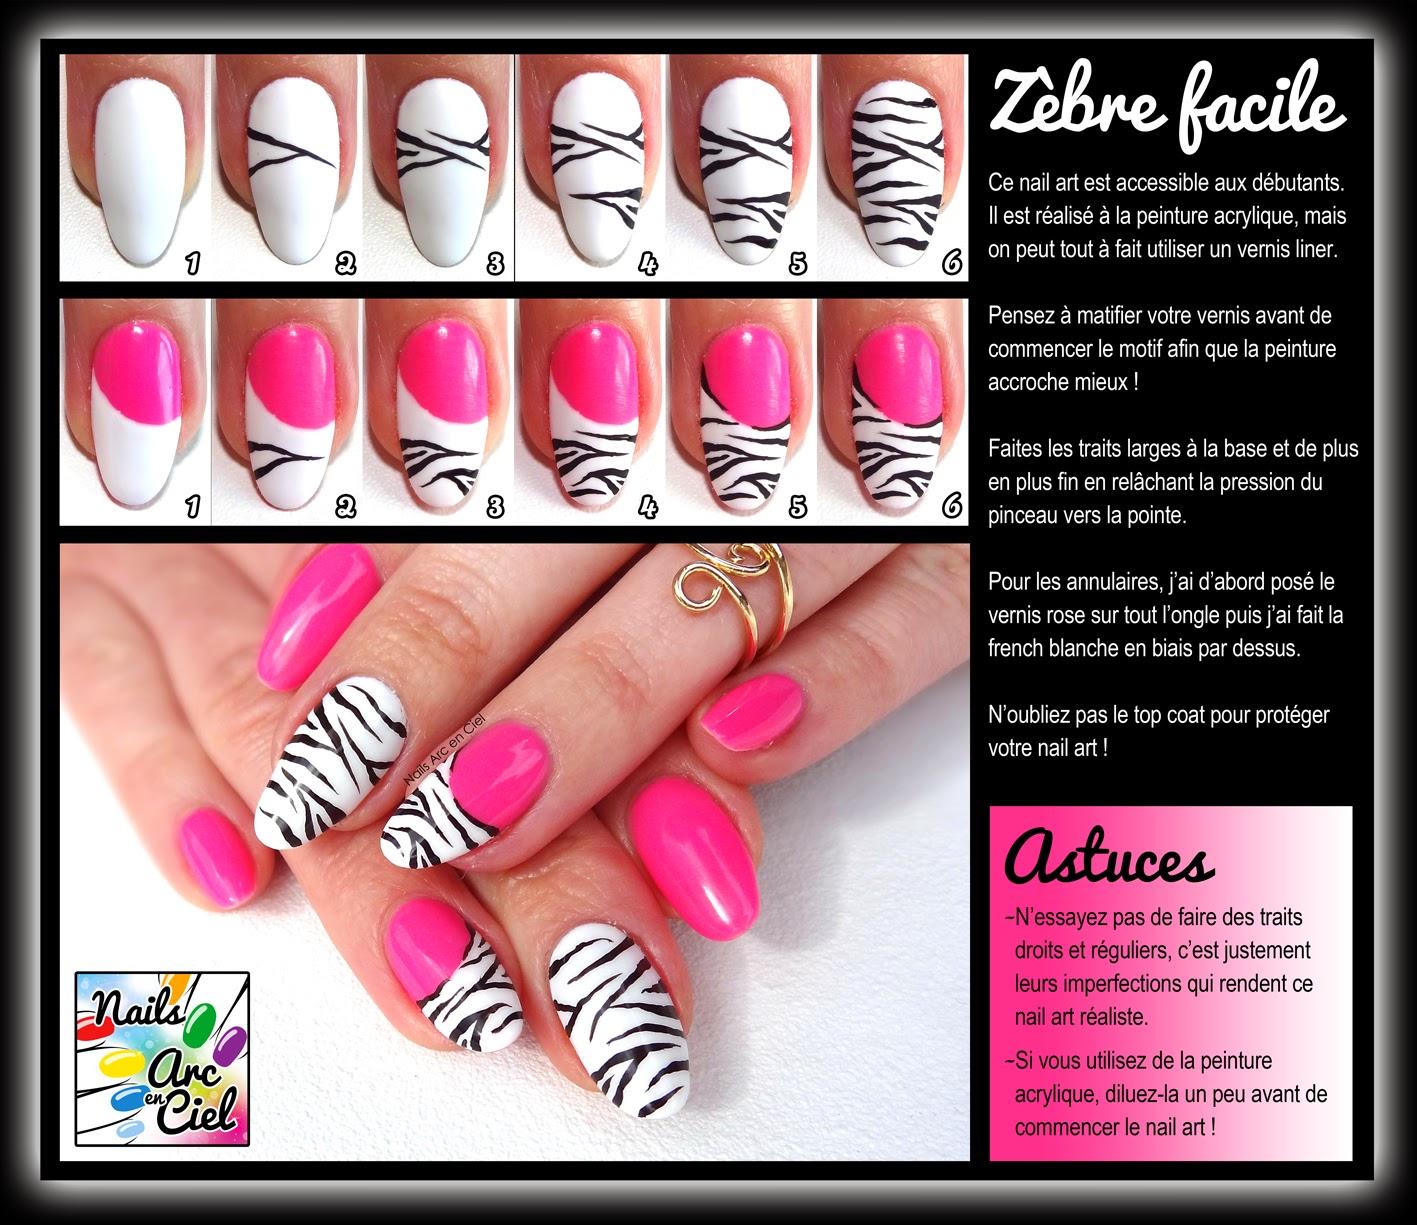 Extrêmement Nails Arc-en-ciel: Tuto nail art zèbre facile pour débutants FZ47